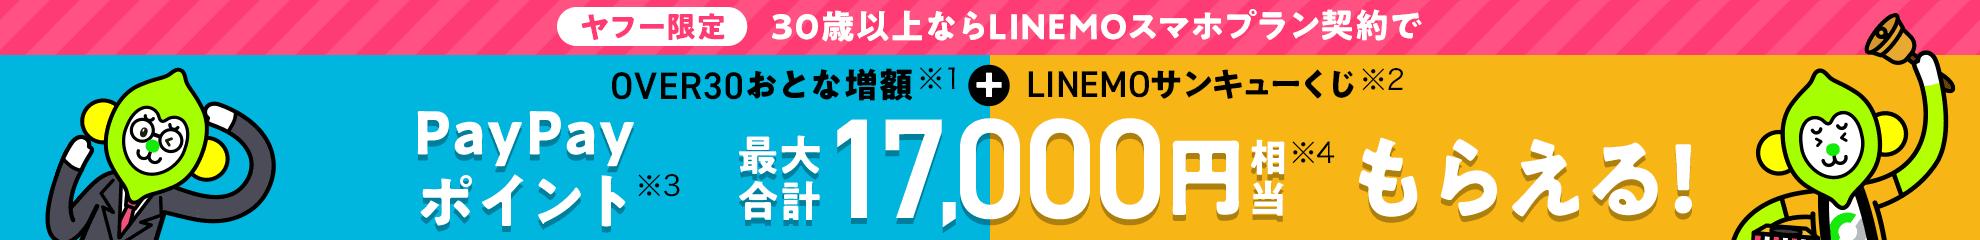 LINEMO 新登場! オンライン専用ずーっと20GB 基本料・スマホプラン2,480円/月(税抜)(税込2,728円)通話料別※1時間帯により速度制御の場合あり